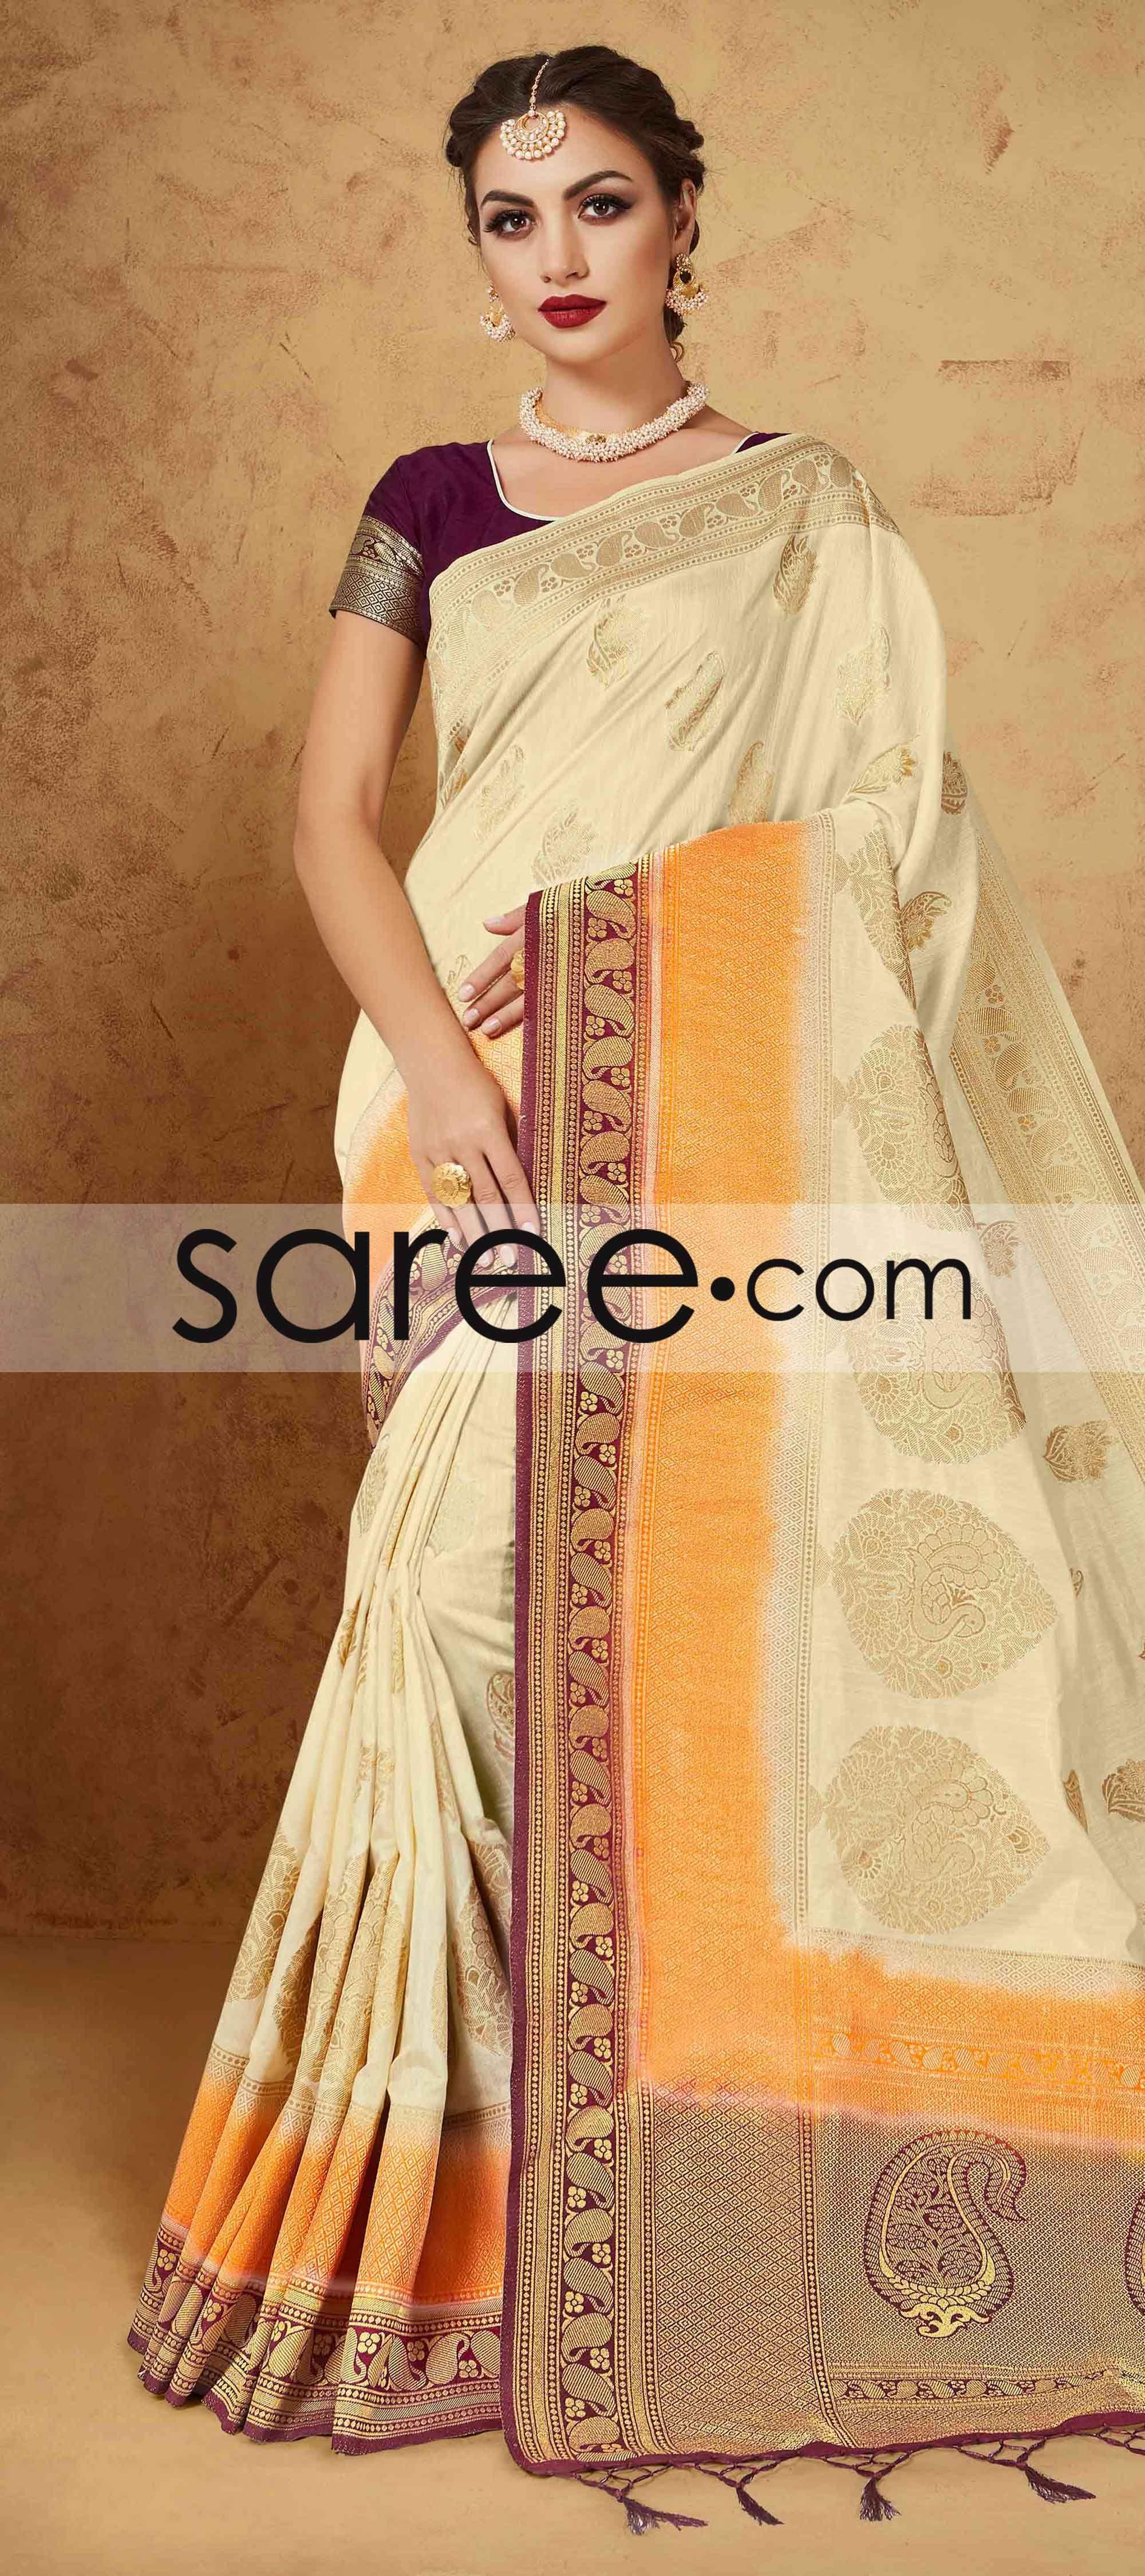 CREAM BANARASI SILK SAREE WITH ZARI  #Saree #GeorgetteSarees #IndianSaree #Sarees  #SilkSarees #PartywearSarees #RegularwearSarees #officeWearSarees #WeddingSarees #BuyOnline #OnlieSarees #NetSarees #ChiffonSarees #DesignerSarees #SareeFashion